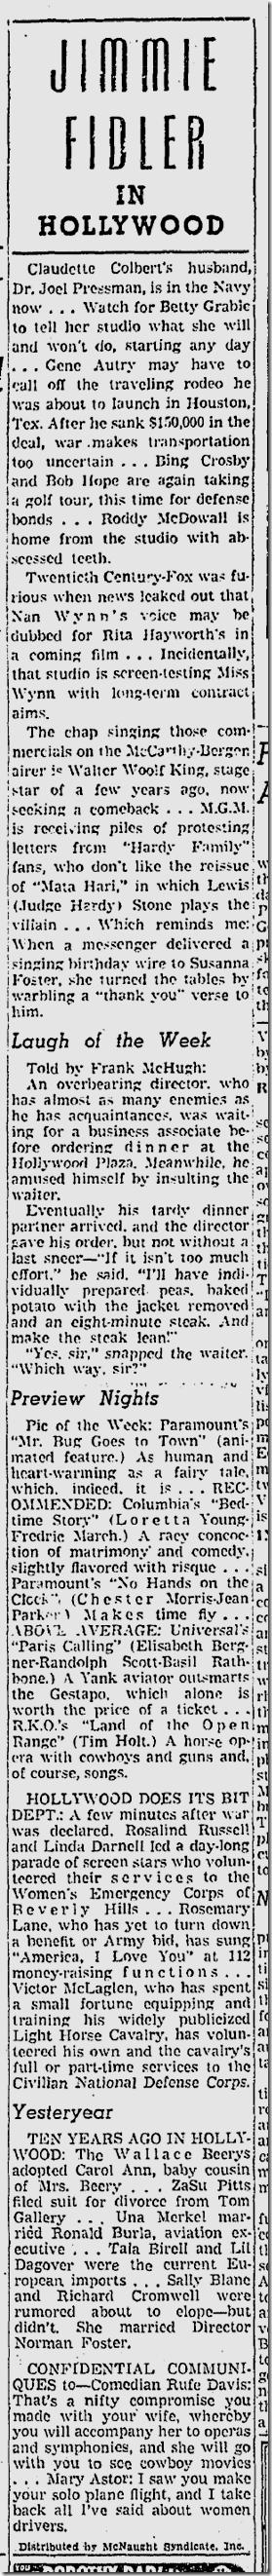 Dec. 15, 1941, Jimmie Fidler